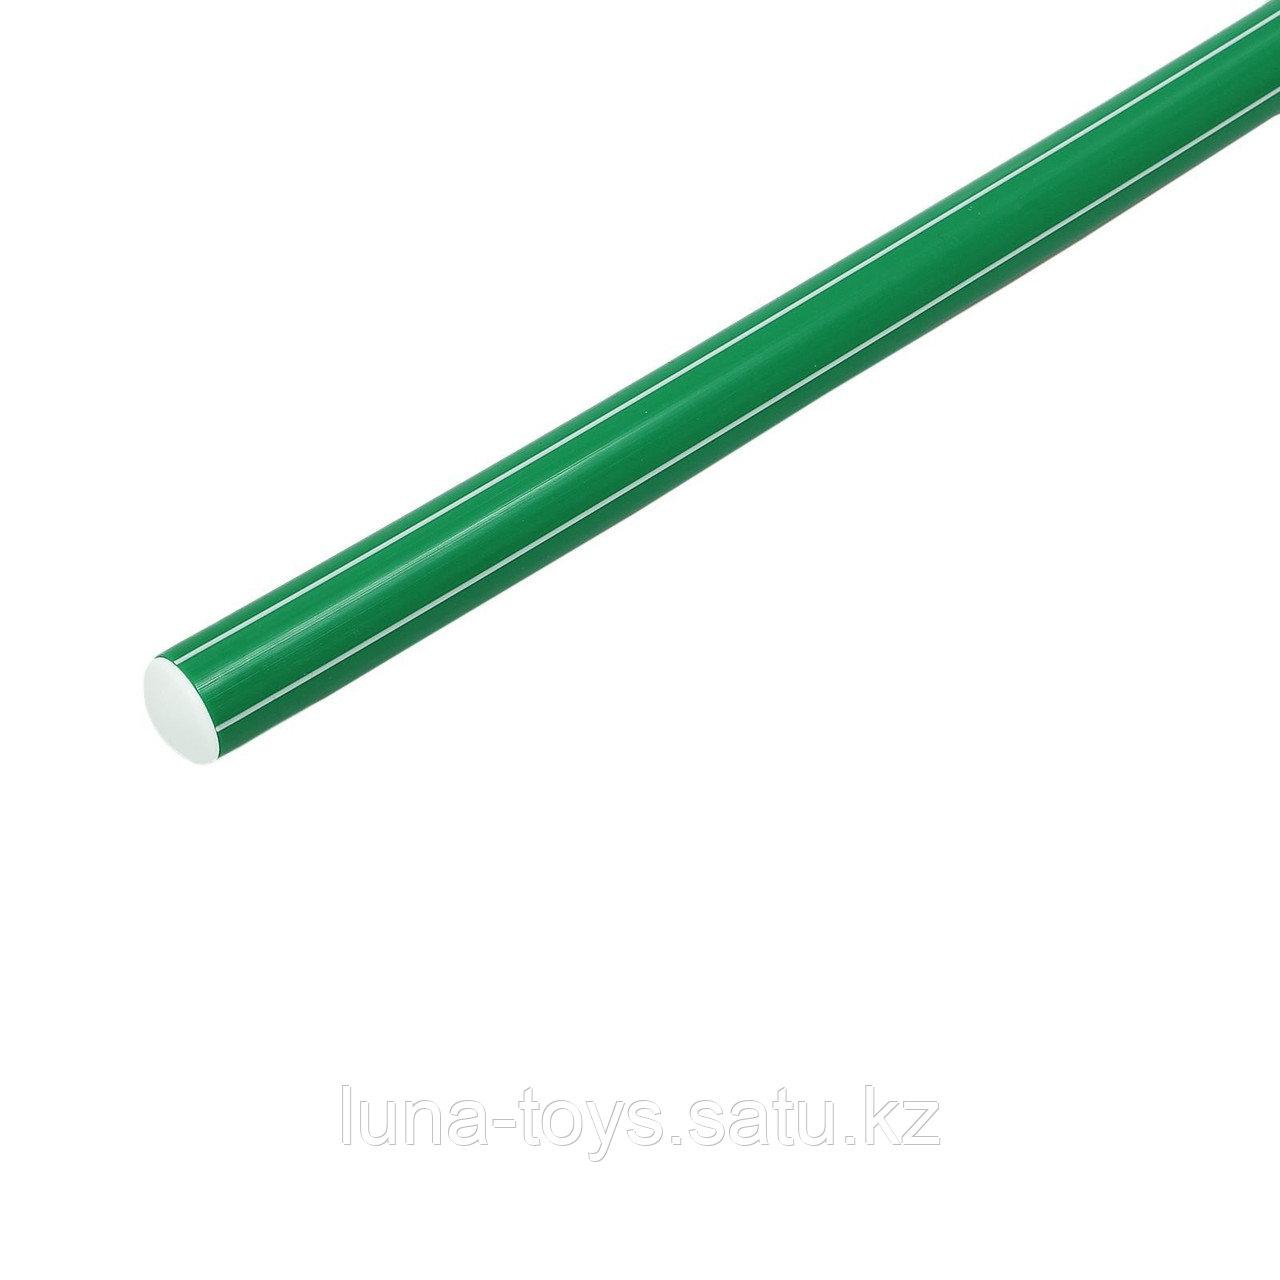 Палка гимнастическая 90см, цвет: зеленый